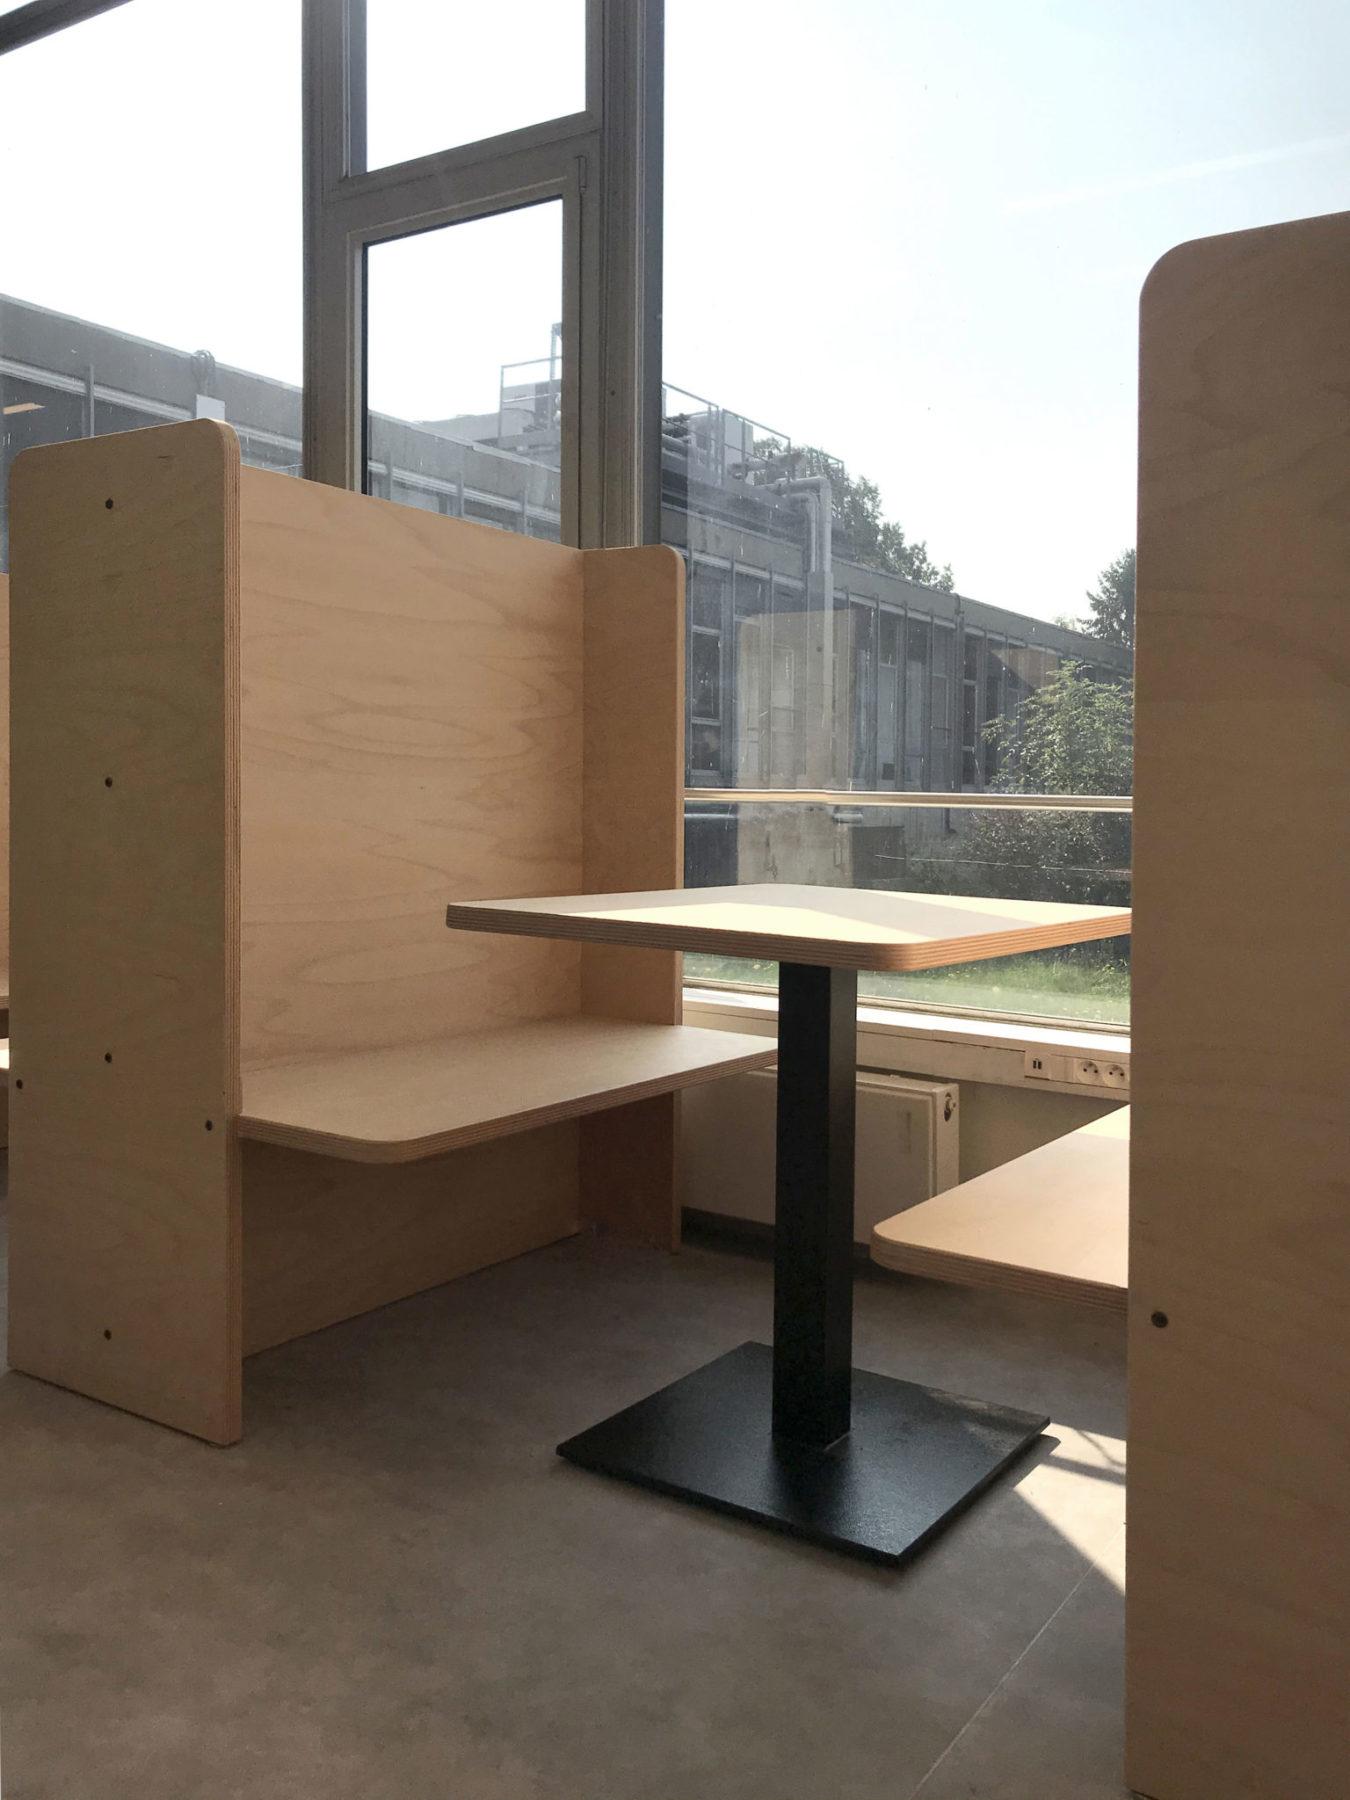 Box / compartiment de travail en bois Okoumé, HEC Paris. Suspensions, éclairage industriel. Baie vitrée inox années 70